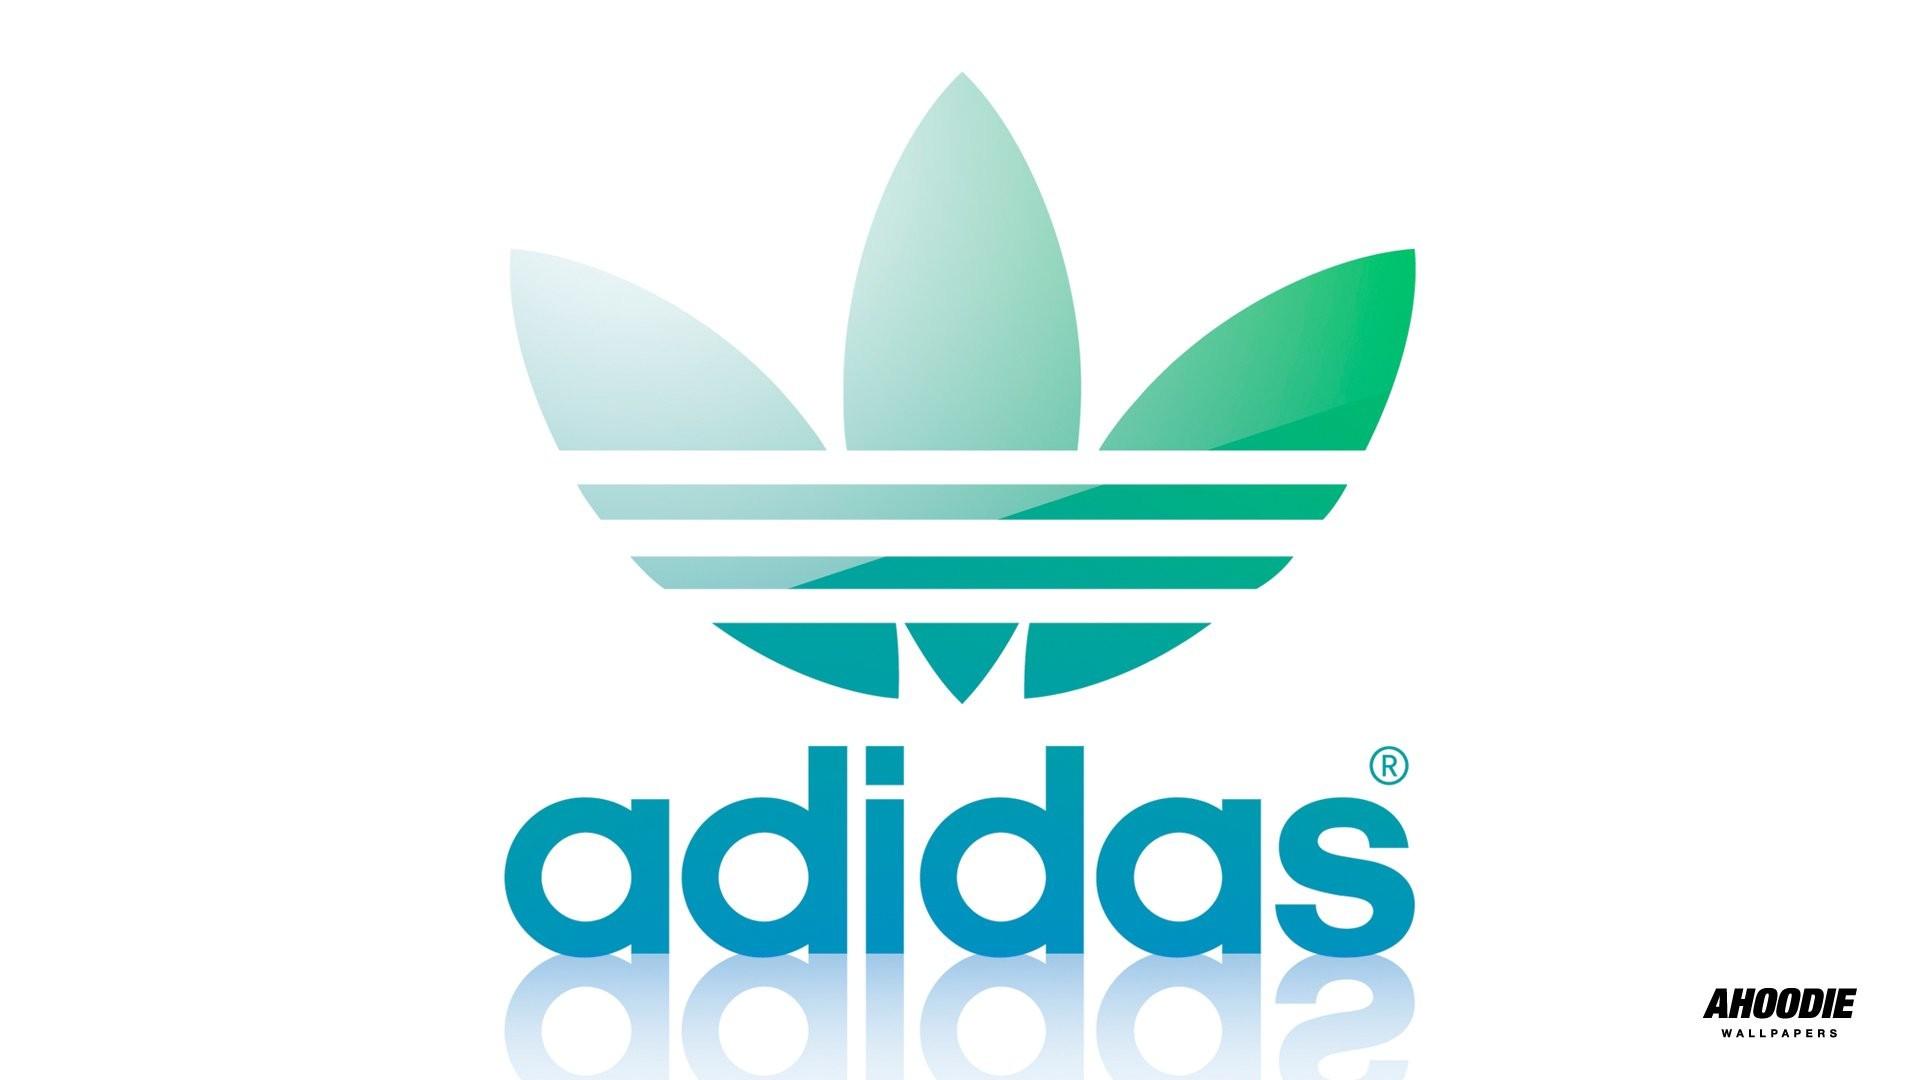 Adidas Originals Wallpaper Hd Adidas Wallpaper 76 Images